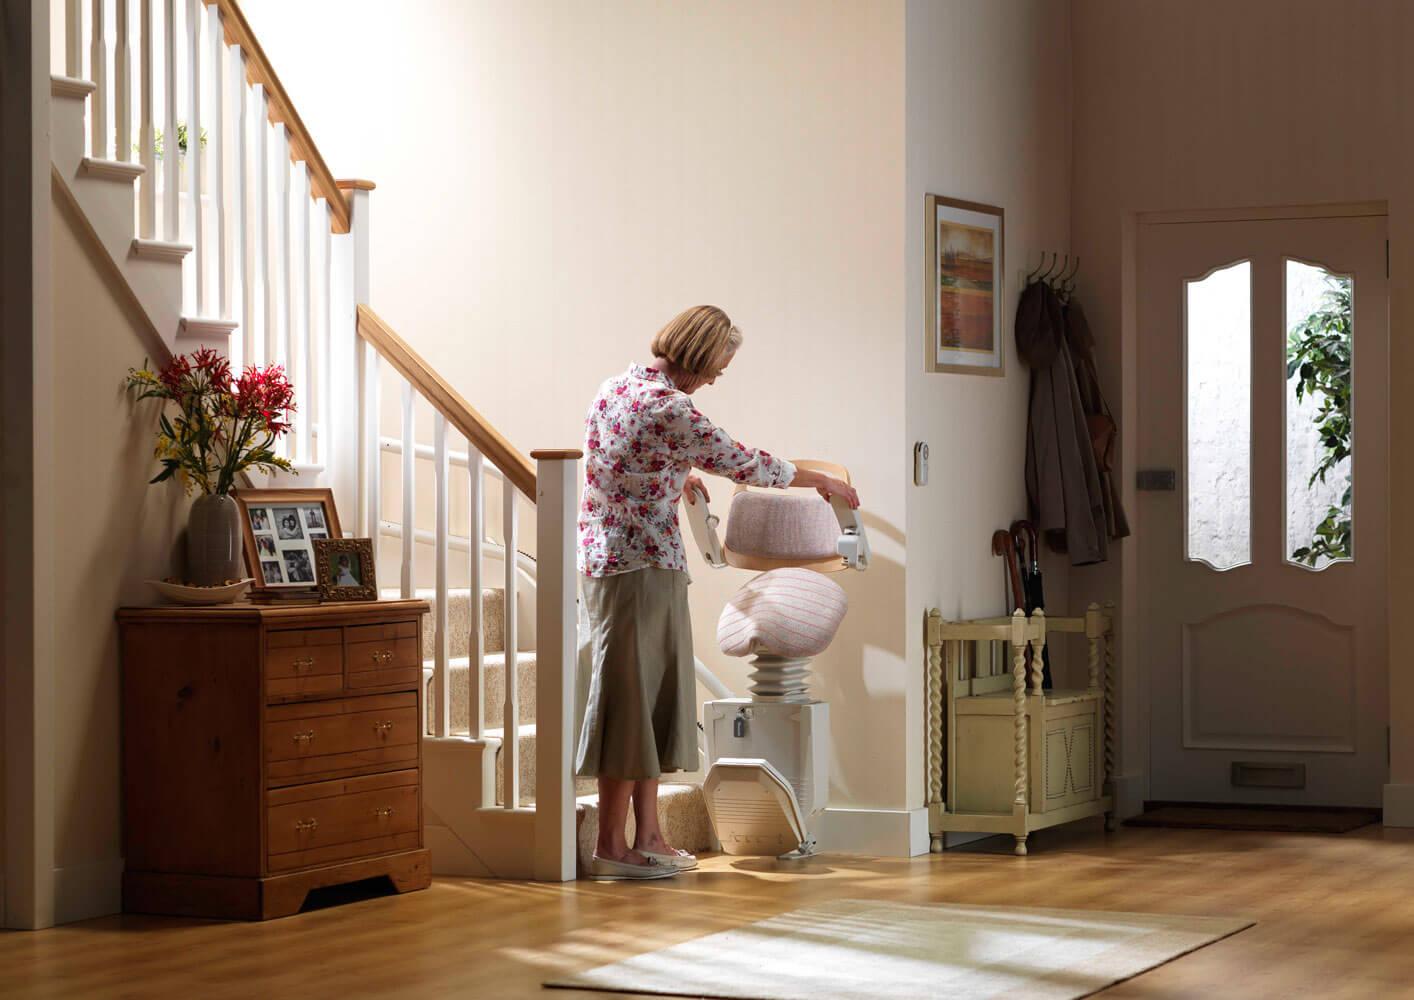 devis fauteuil monte escalier Jœœuf